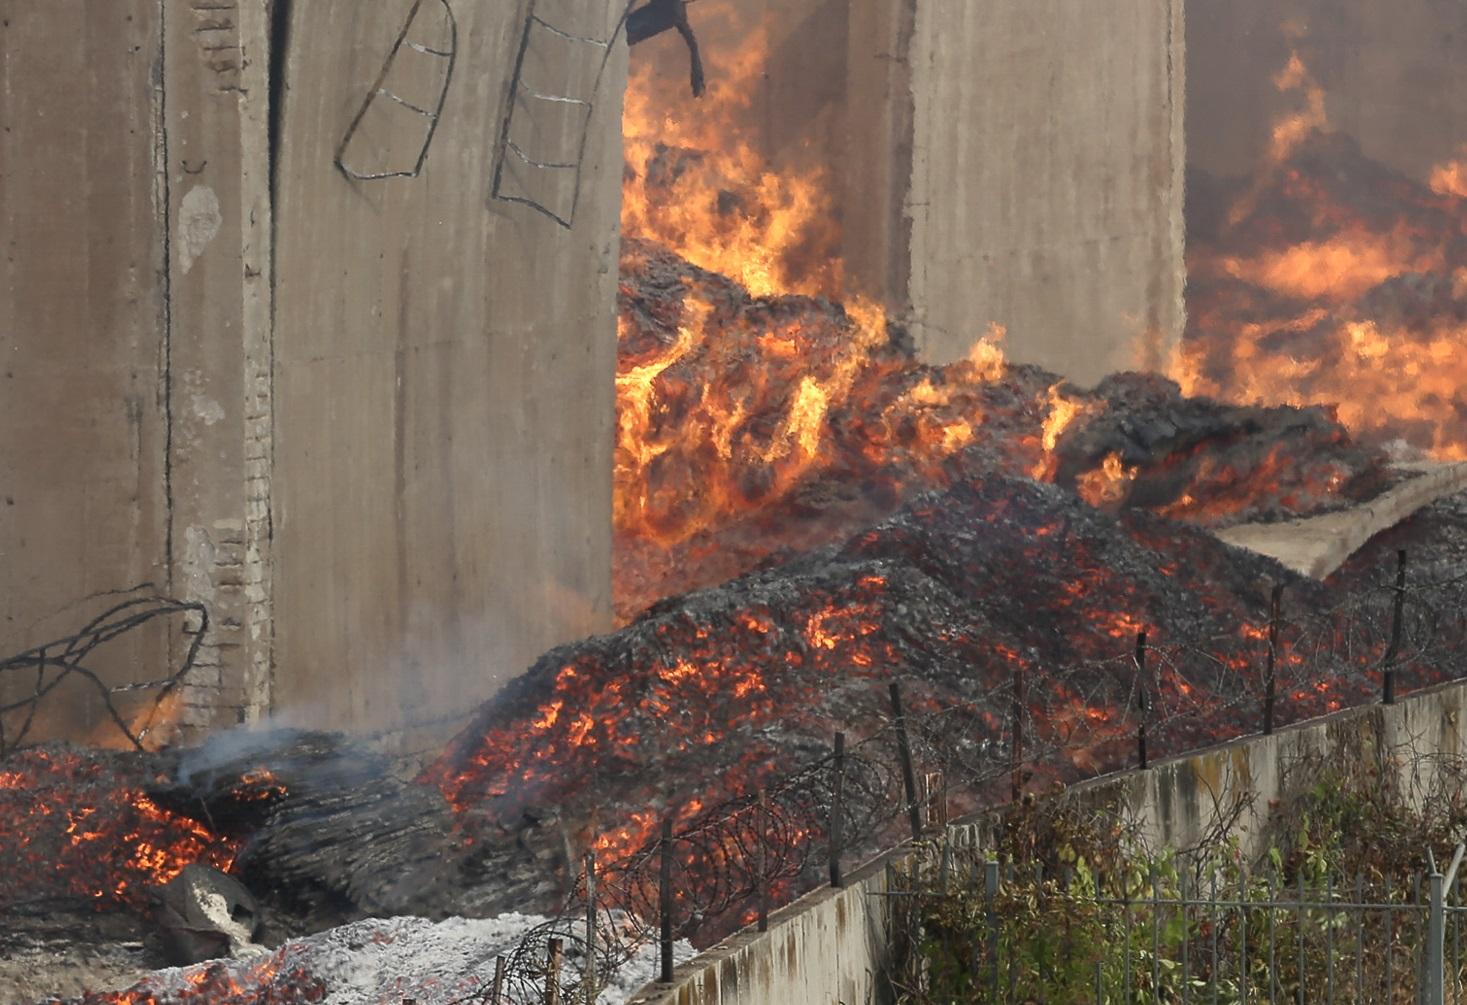 Ιράν: 15χρονος ξεψύχησε αφού έσωσε δύο γυναίκες σε πυρκαγιά